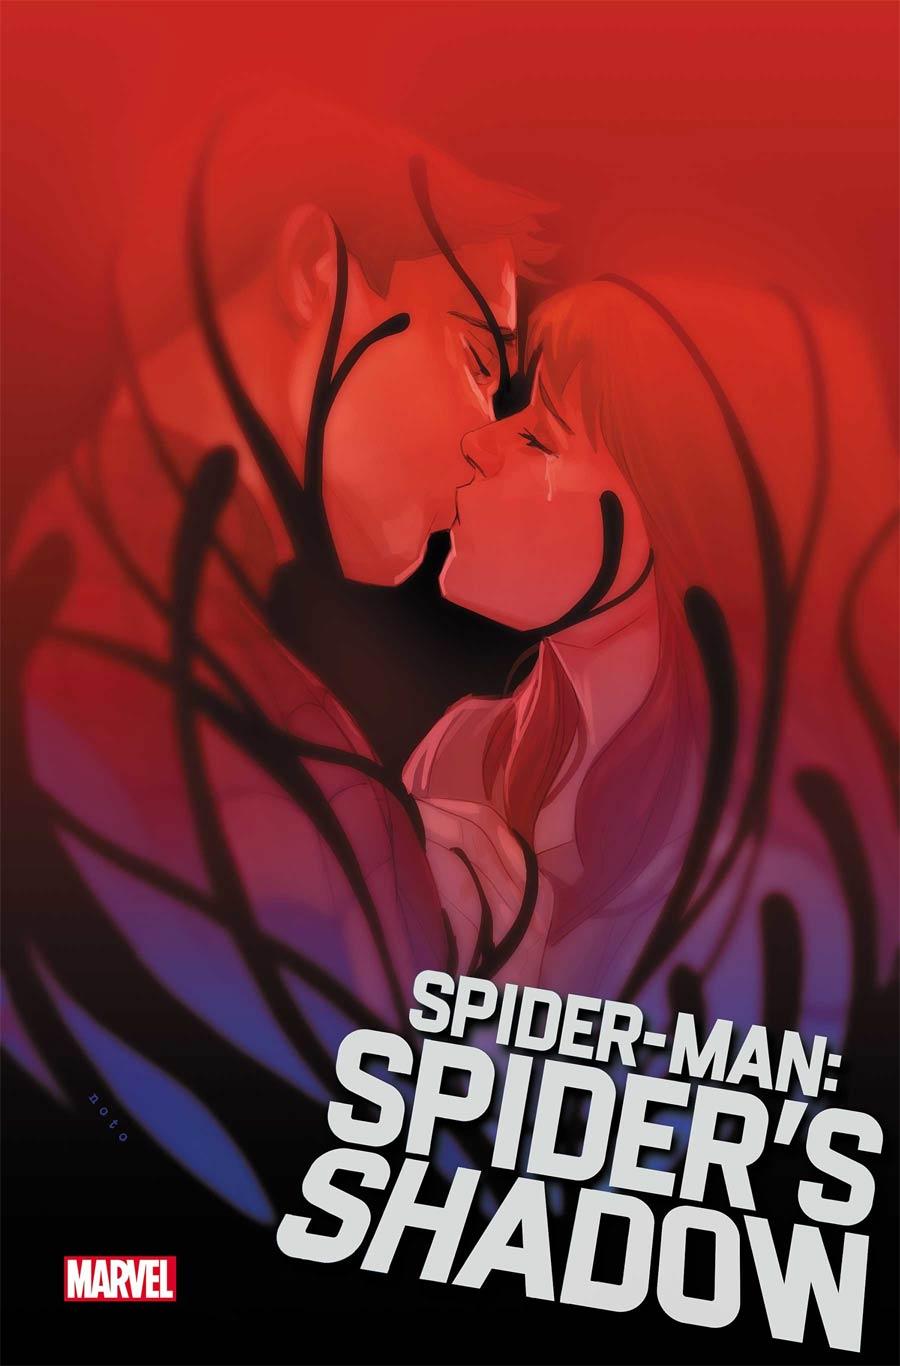 Spider-Man: Spider